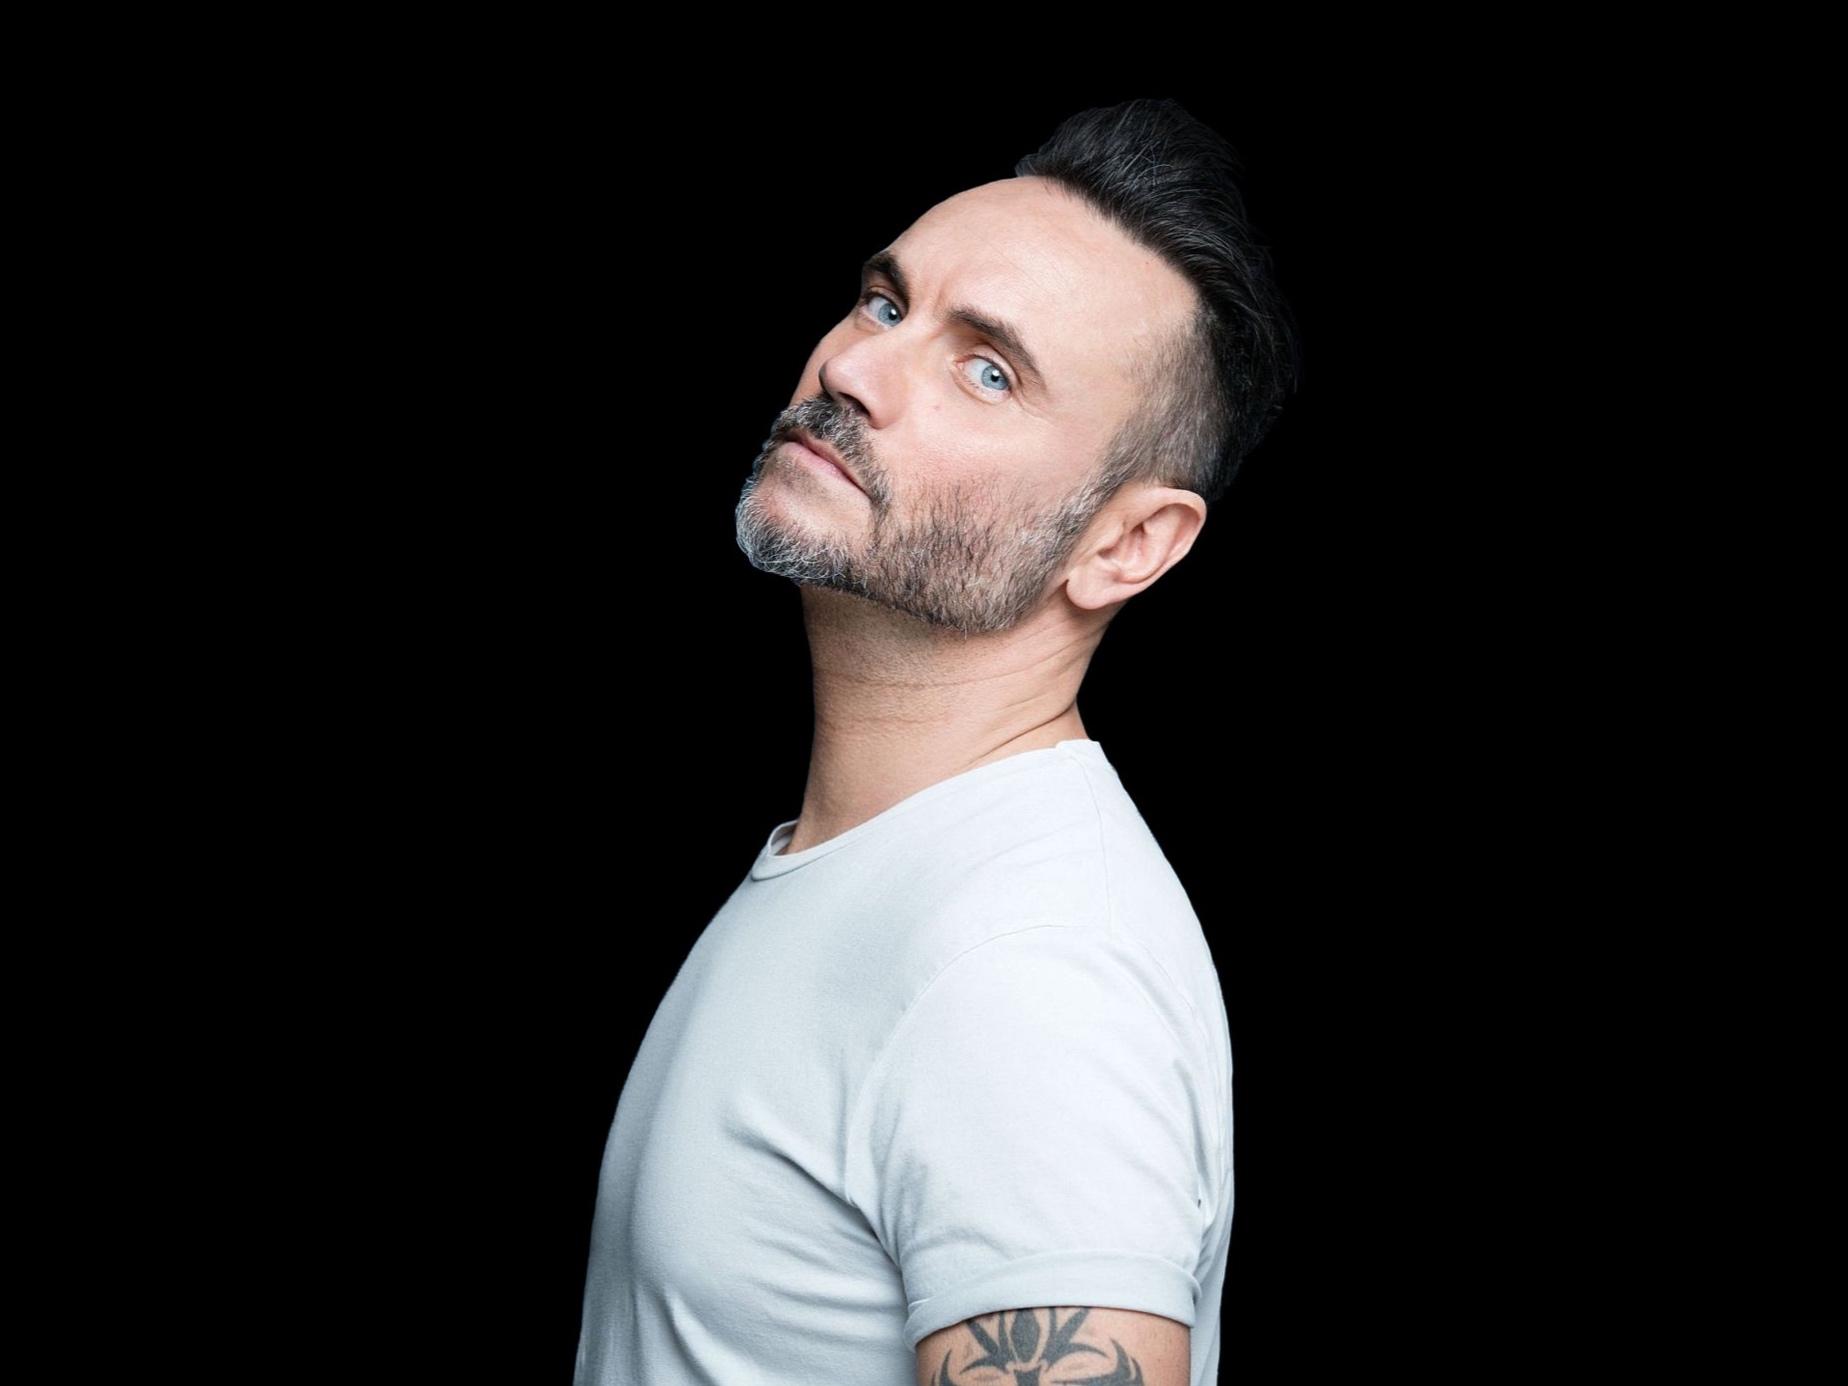 NEK - Nach über 25 Jahren auf der Bühne begeistert der italienische Pop-Rock Musiker NEK mit seinem aktuellen Album die Fans.